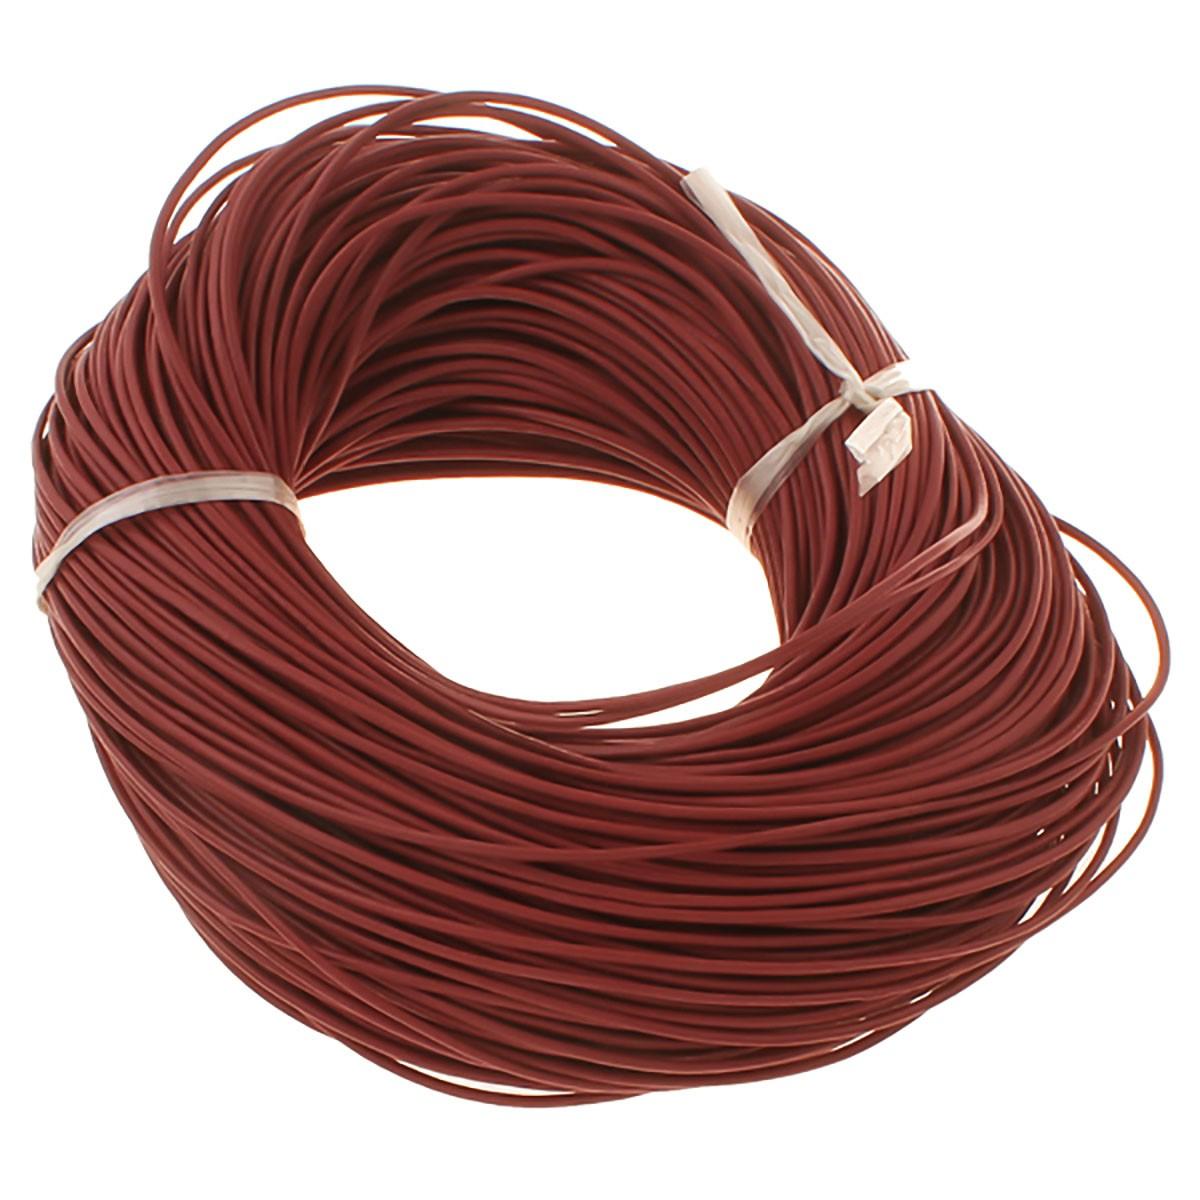 5 m lederband rund 1 2mm lederriemen lederschnur rind do it yourself schmuckmaterial. Black Bedroom Furniture Sets. Home Design Ideas